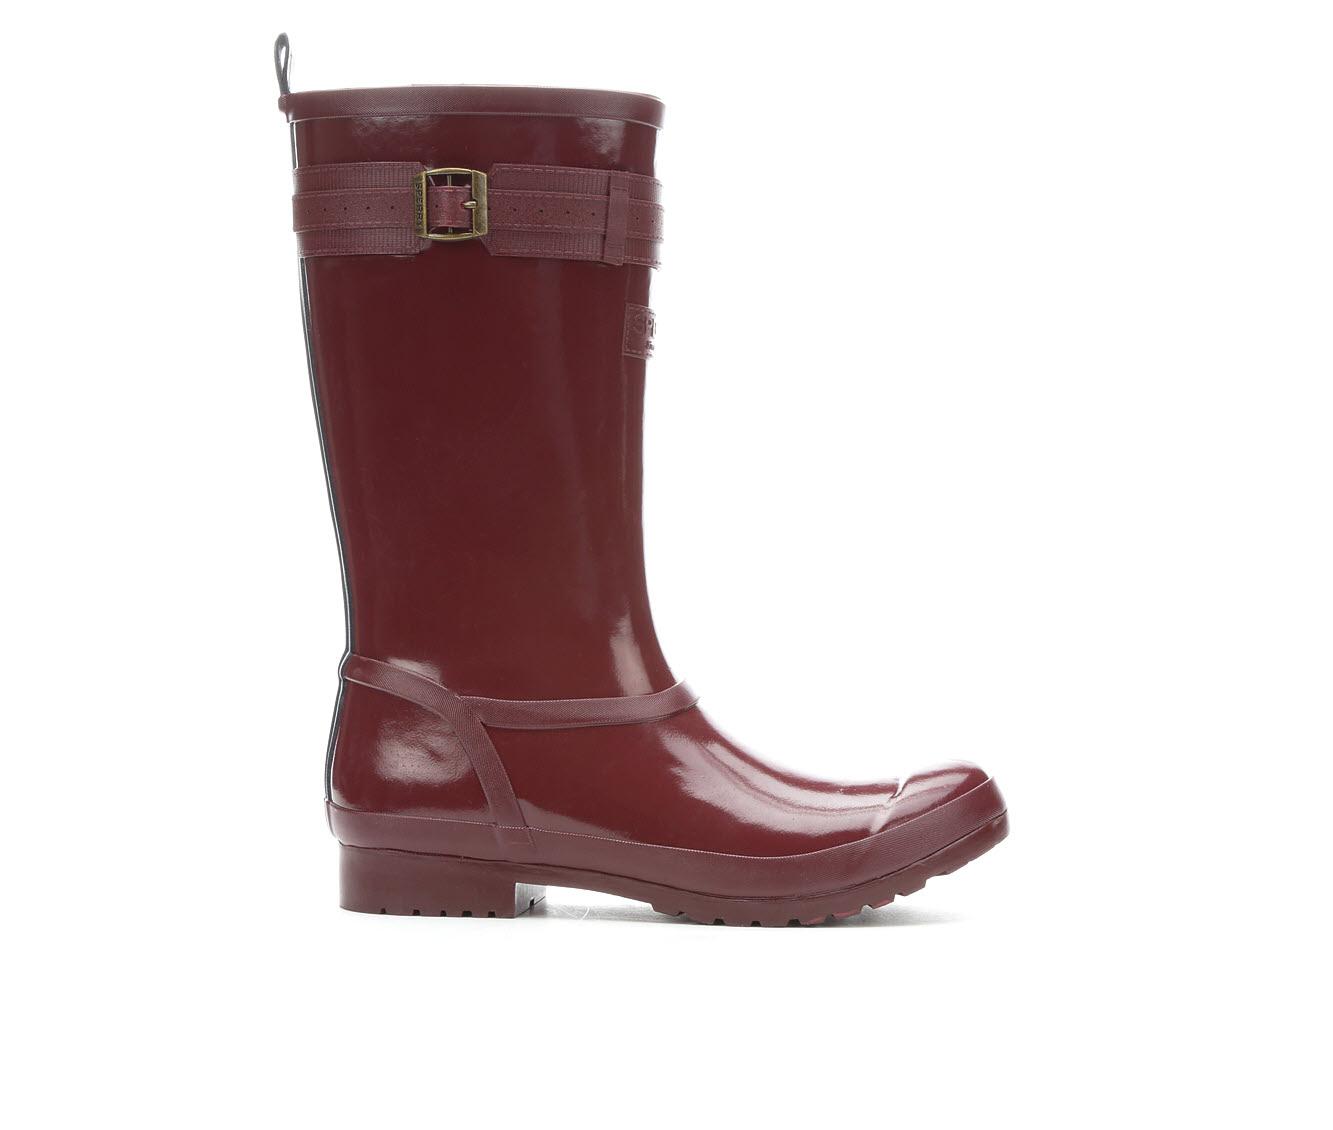 Sperry Walker Atlantic Women's Shoe (Red - Faux Leather)